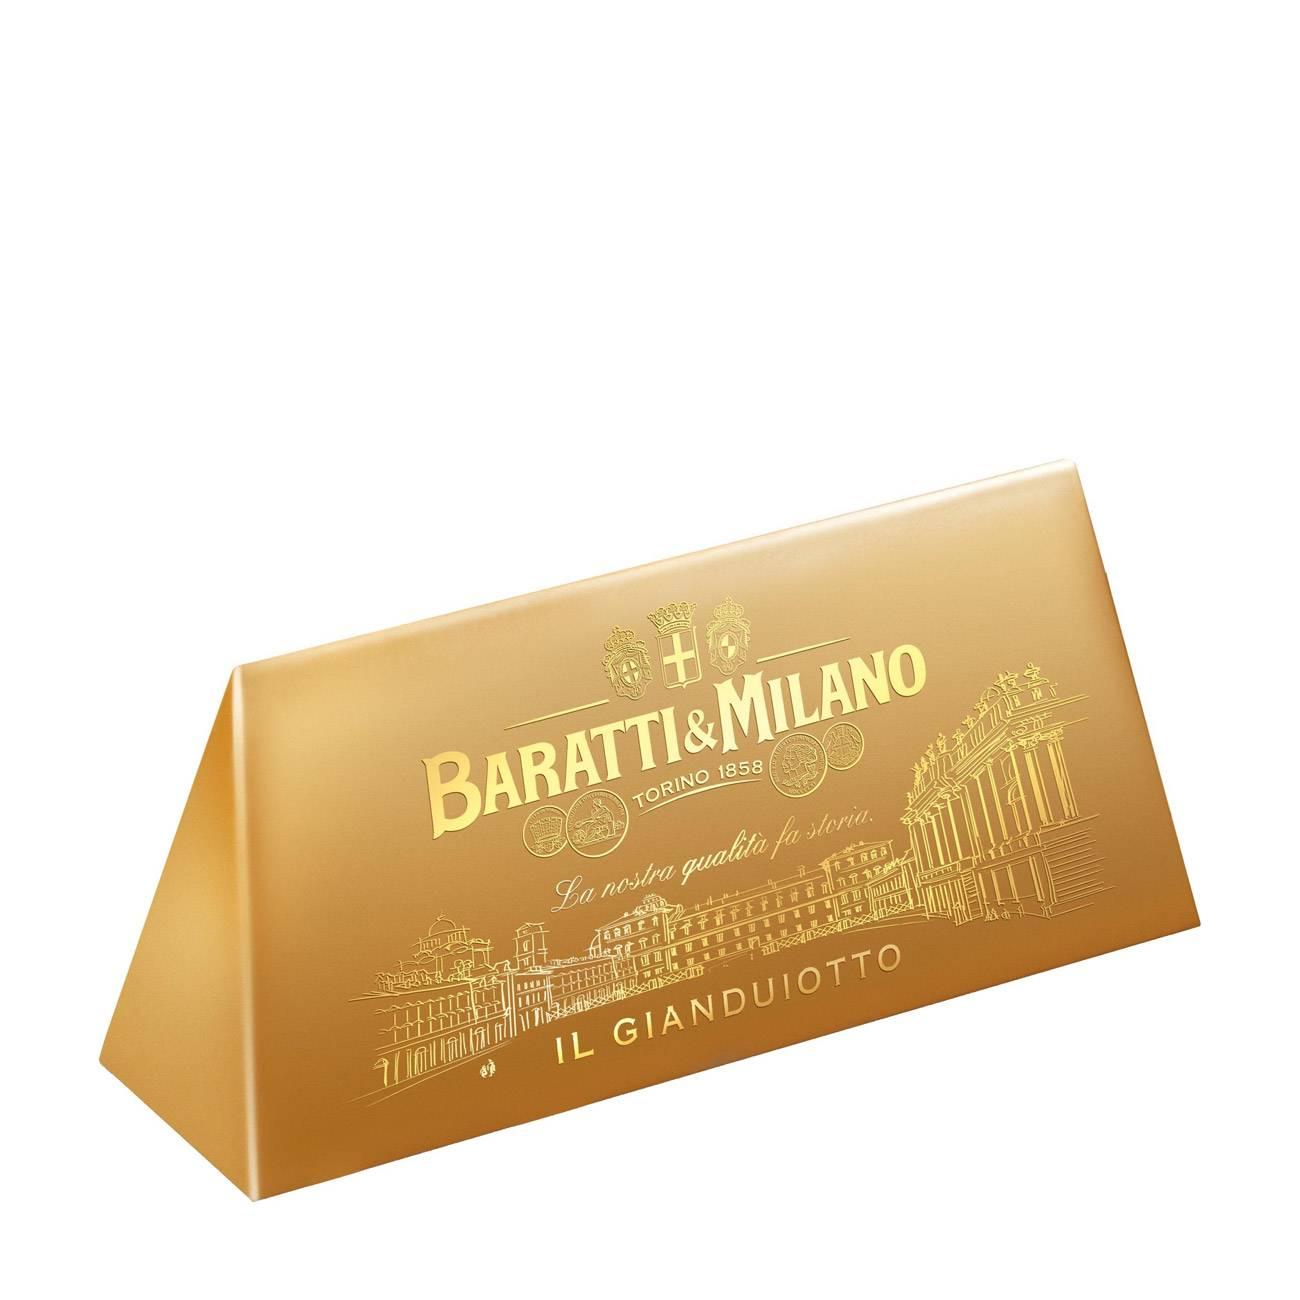 GIANDUIOTTO IN GOLDEN BOX 200 Grame